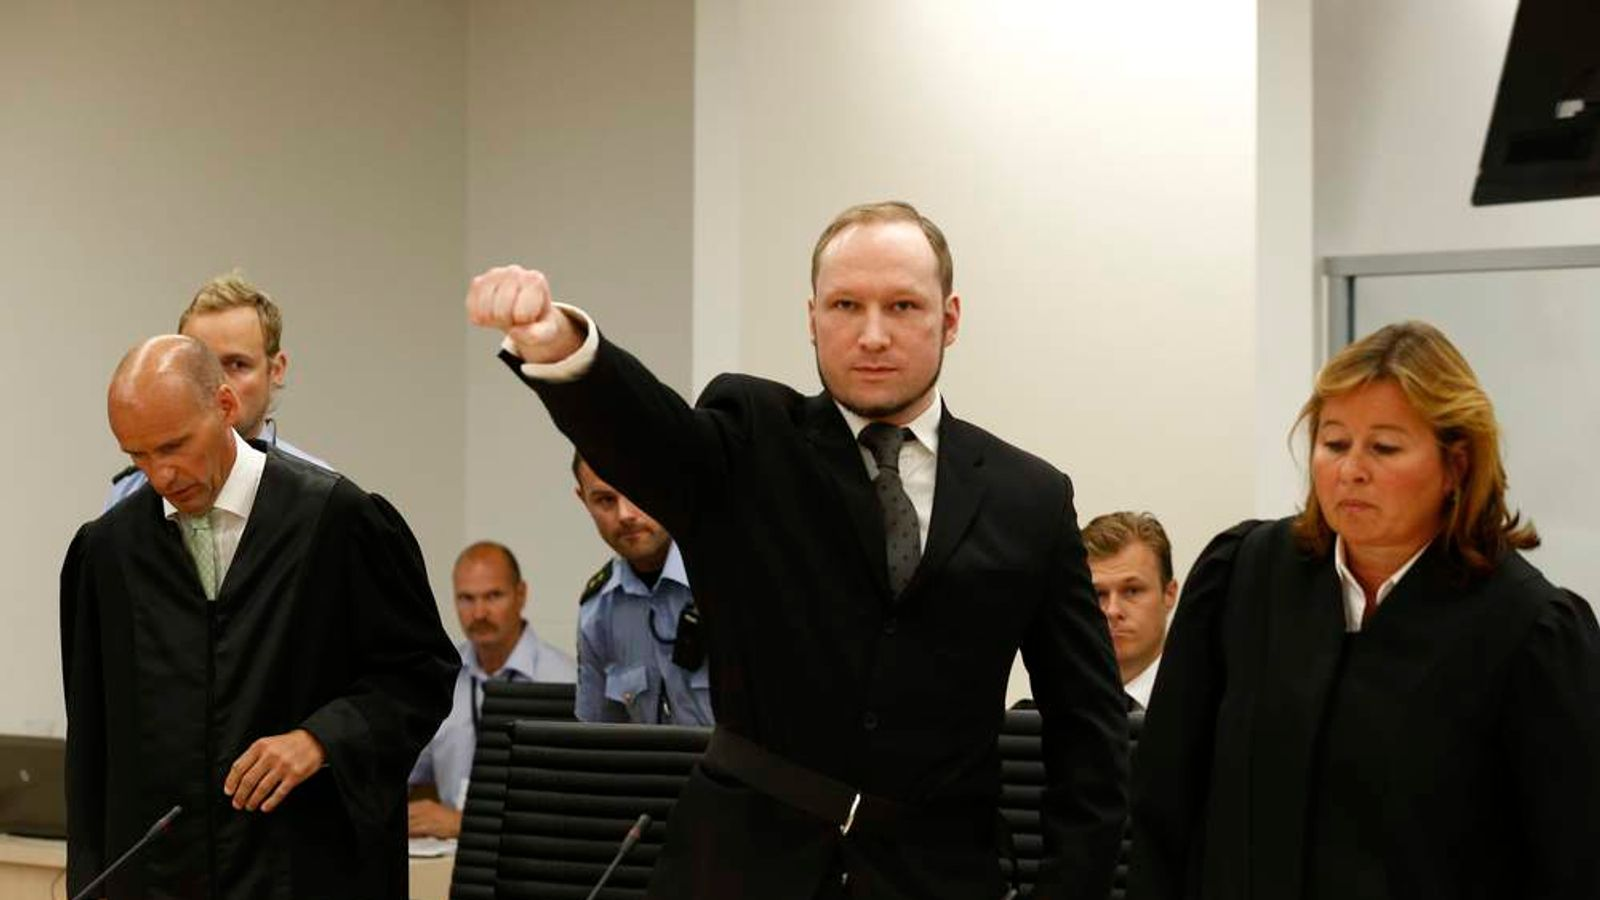 Breivik gestures